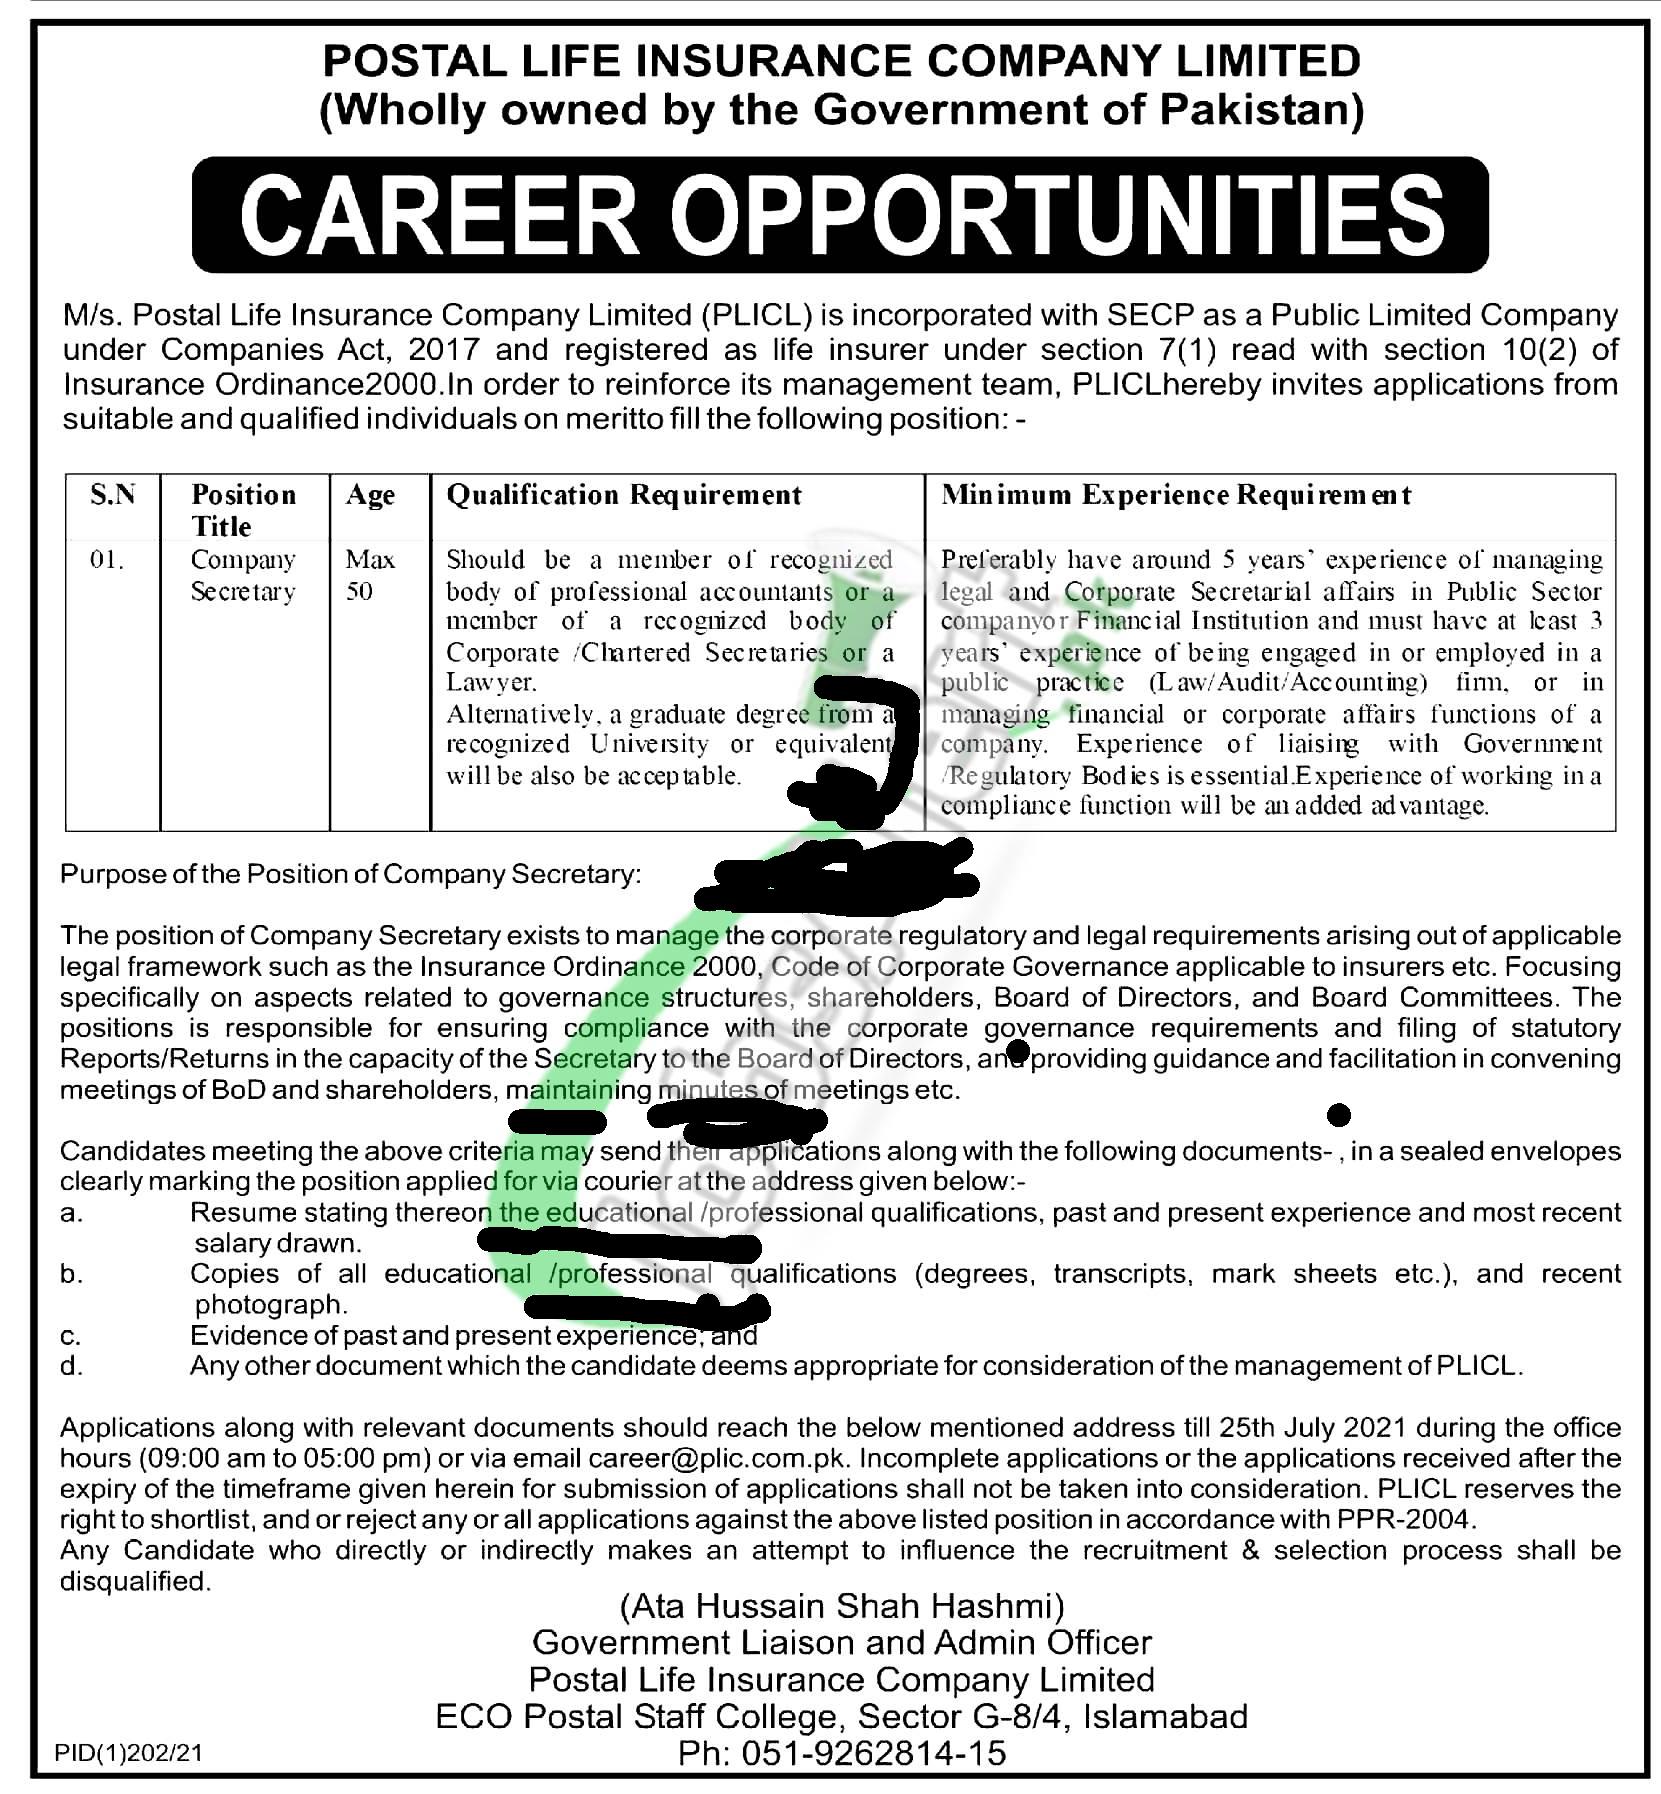 Pakistan Post Office Jobs 2021 | Latest Govt Jobs